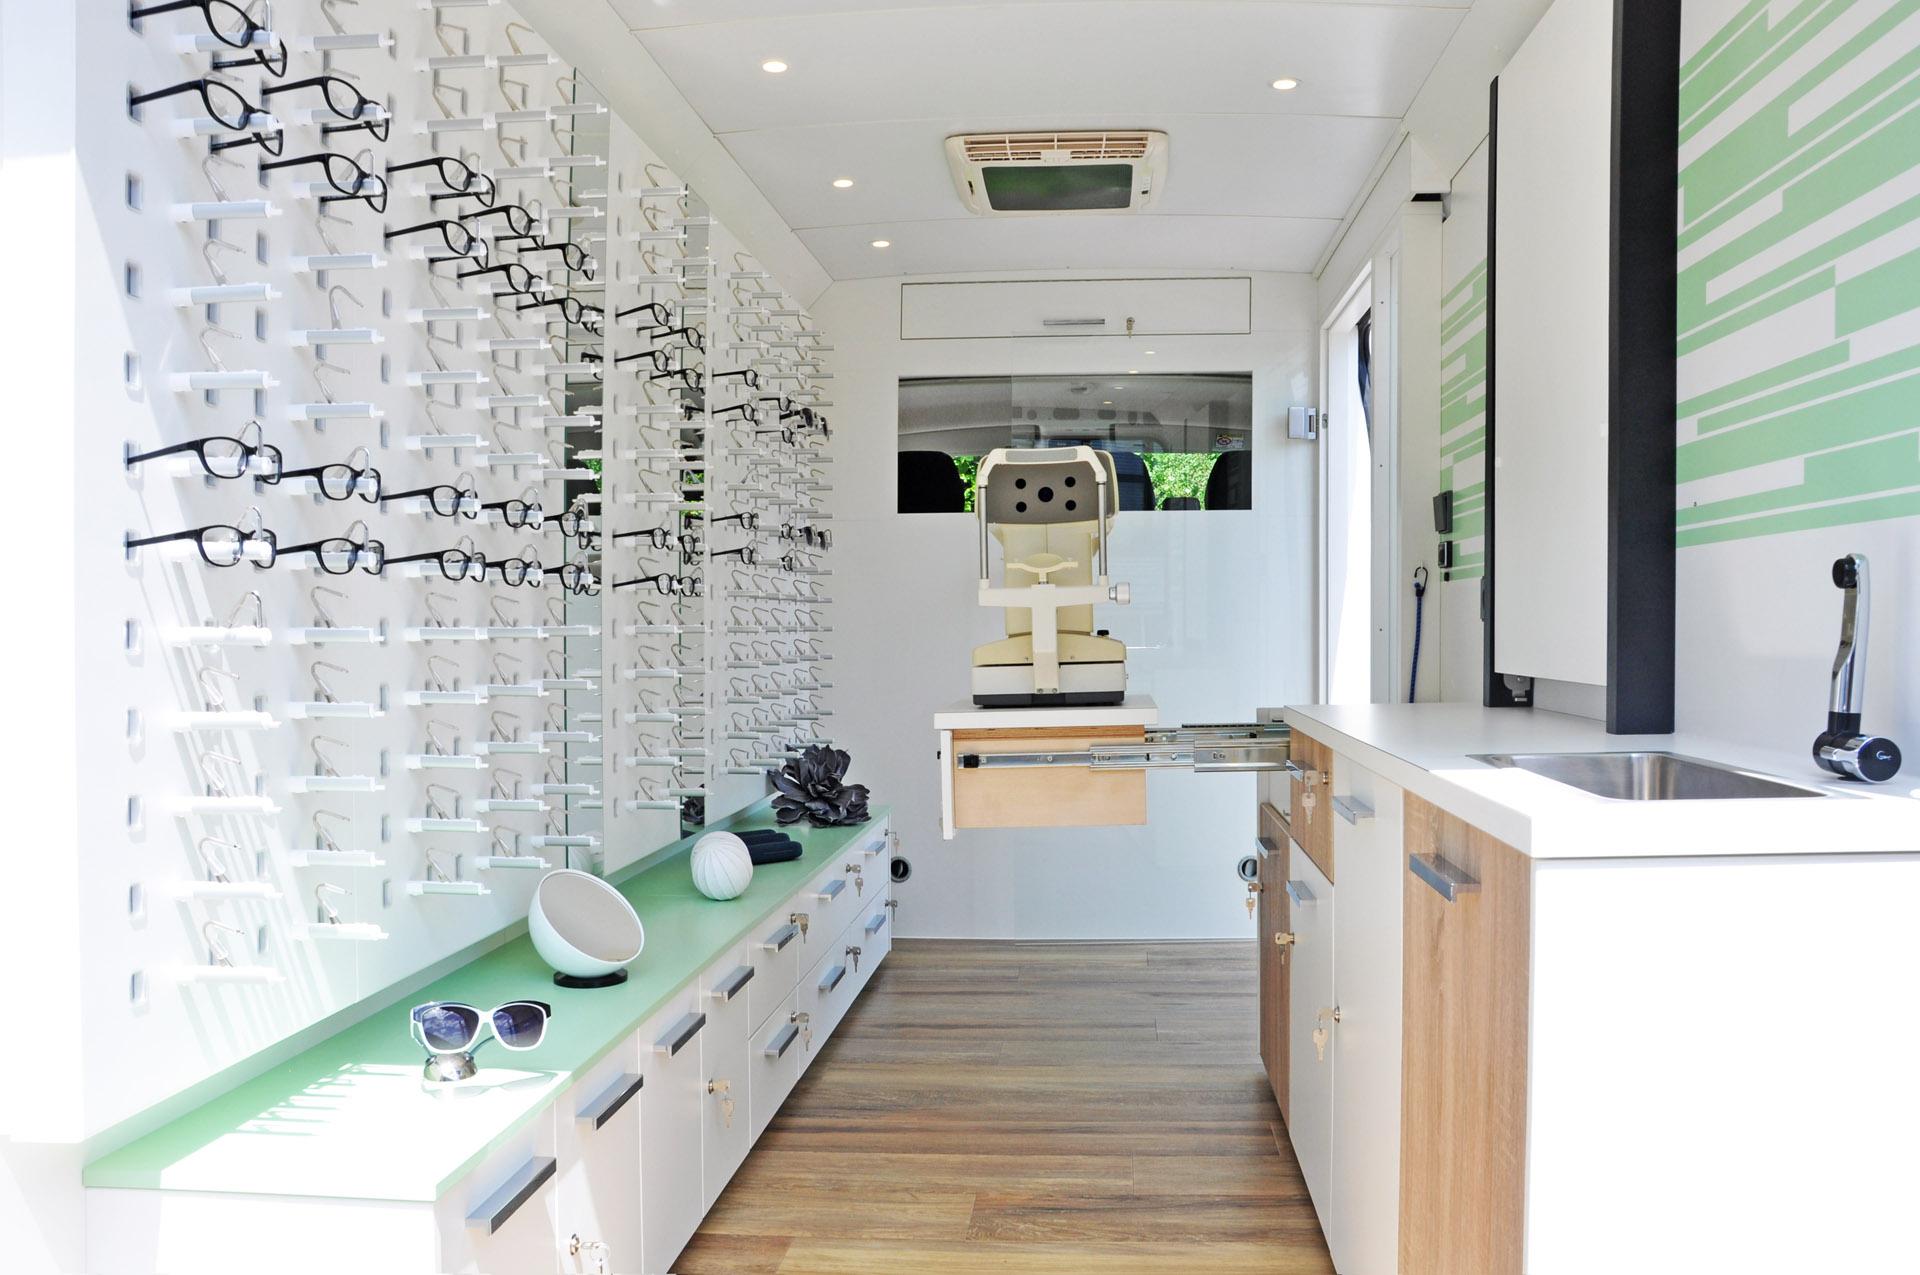 5964e4d4423448 magasin d optique mobile concep-s   concept-s